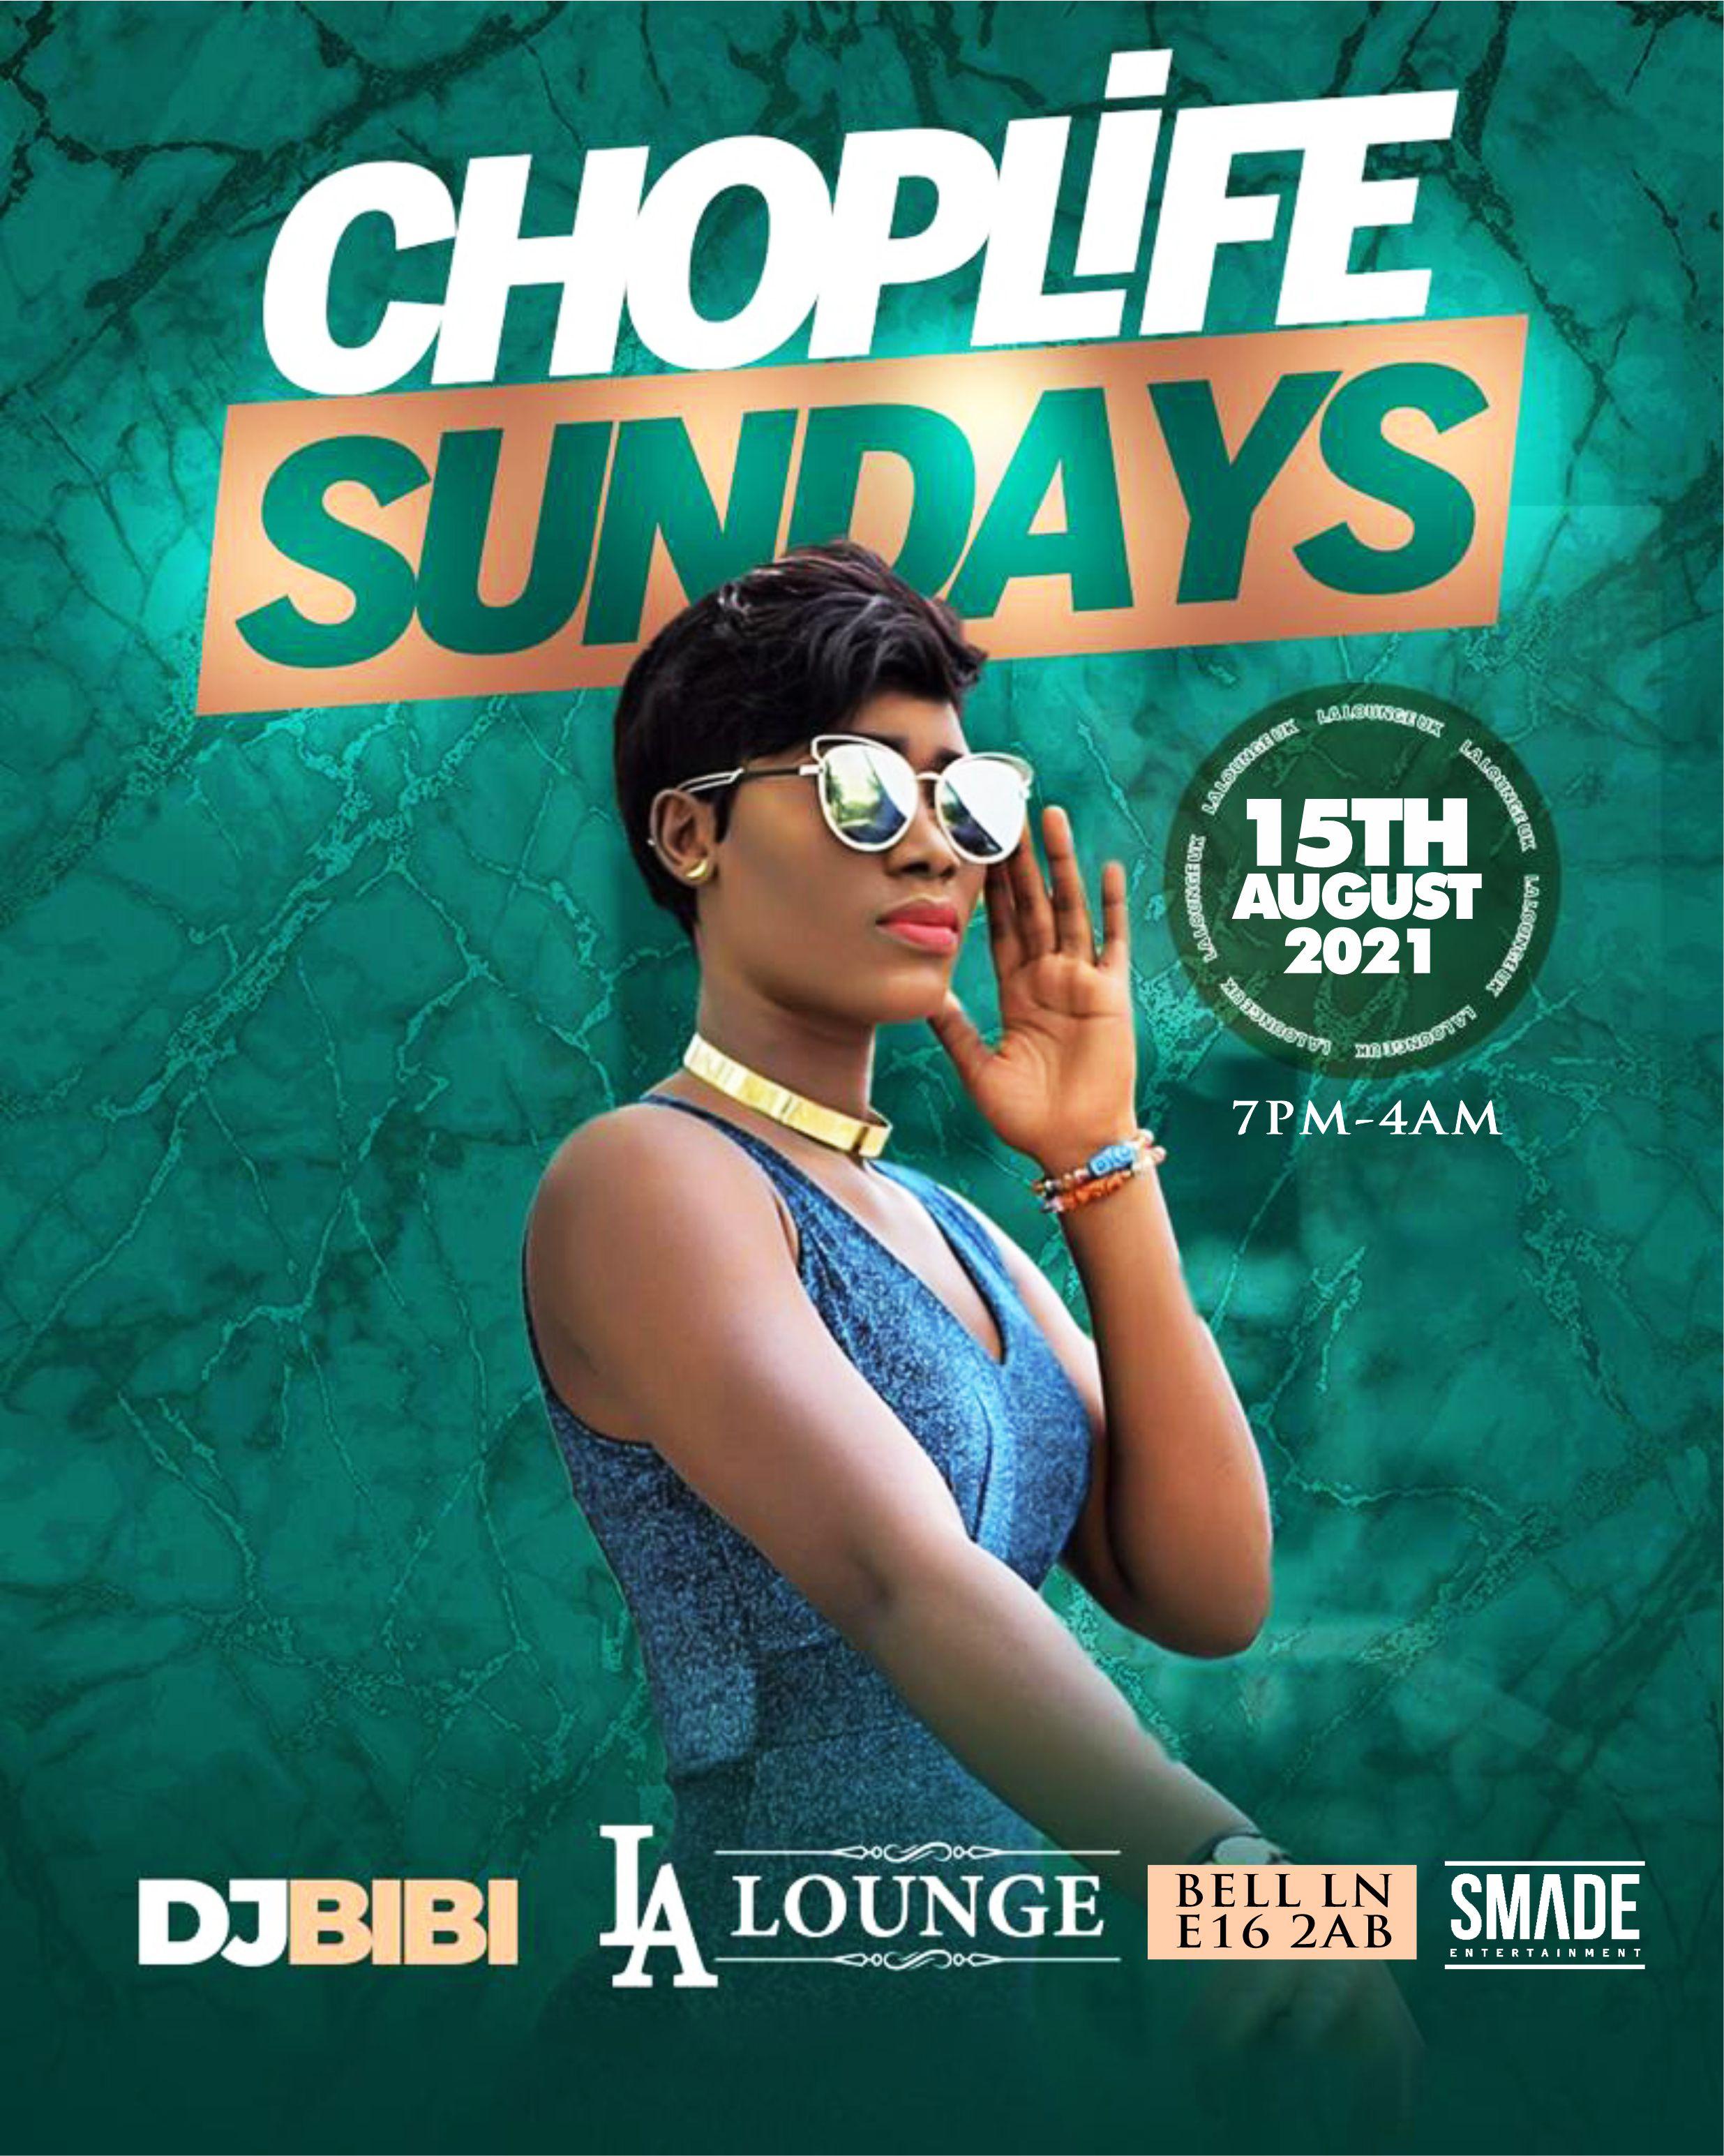 Choplife Sundays AUG 15 - SMADEPARTIES